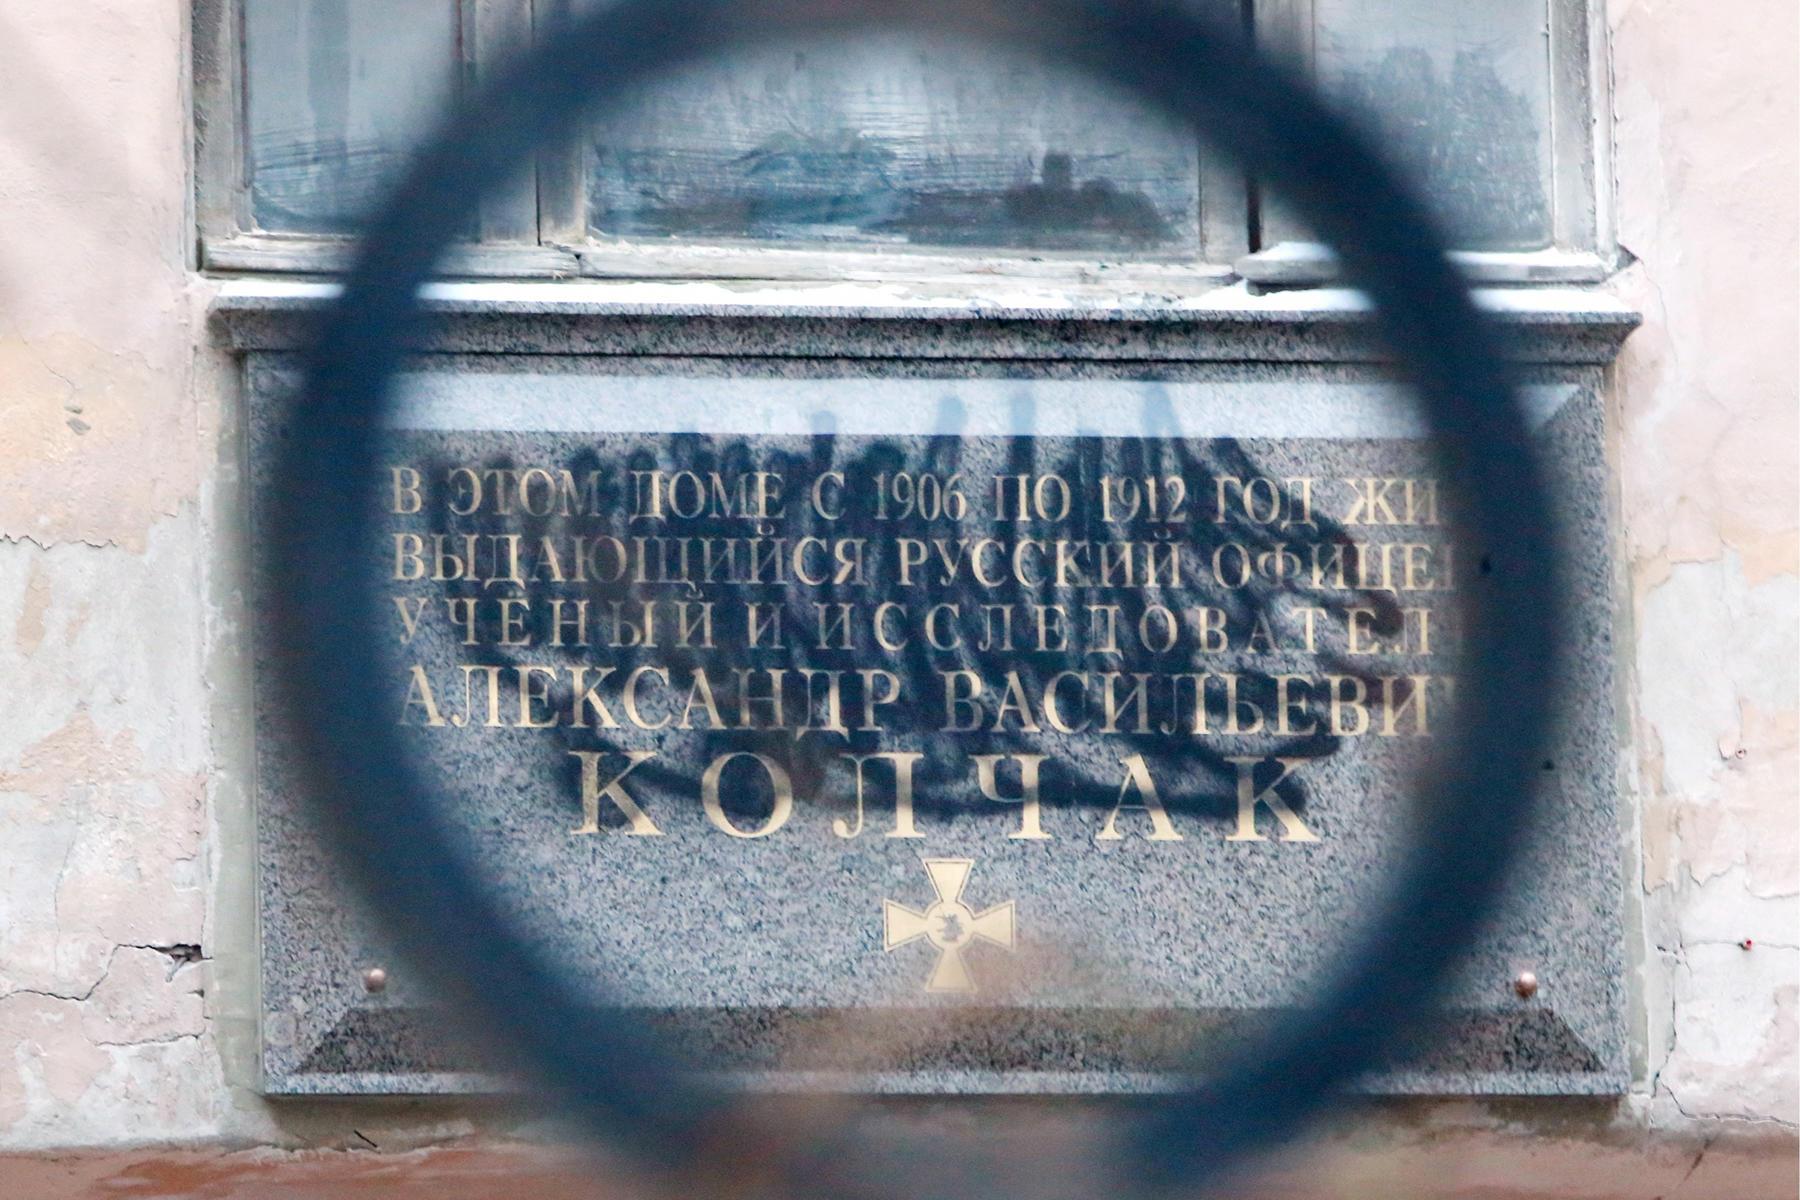 20161114_18-10 Мемориальная доска адмиралу Колчаку в Петербурге. Фотография